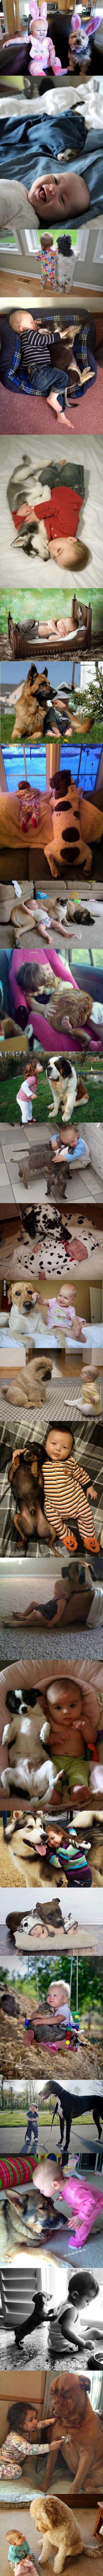 Niños y mascotas: los mejores amigos.